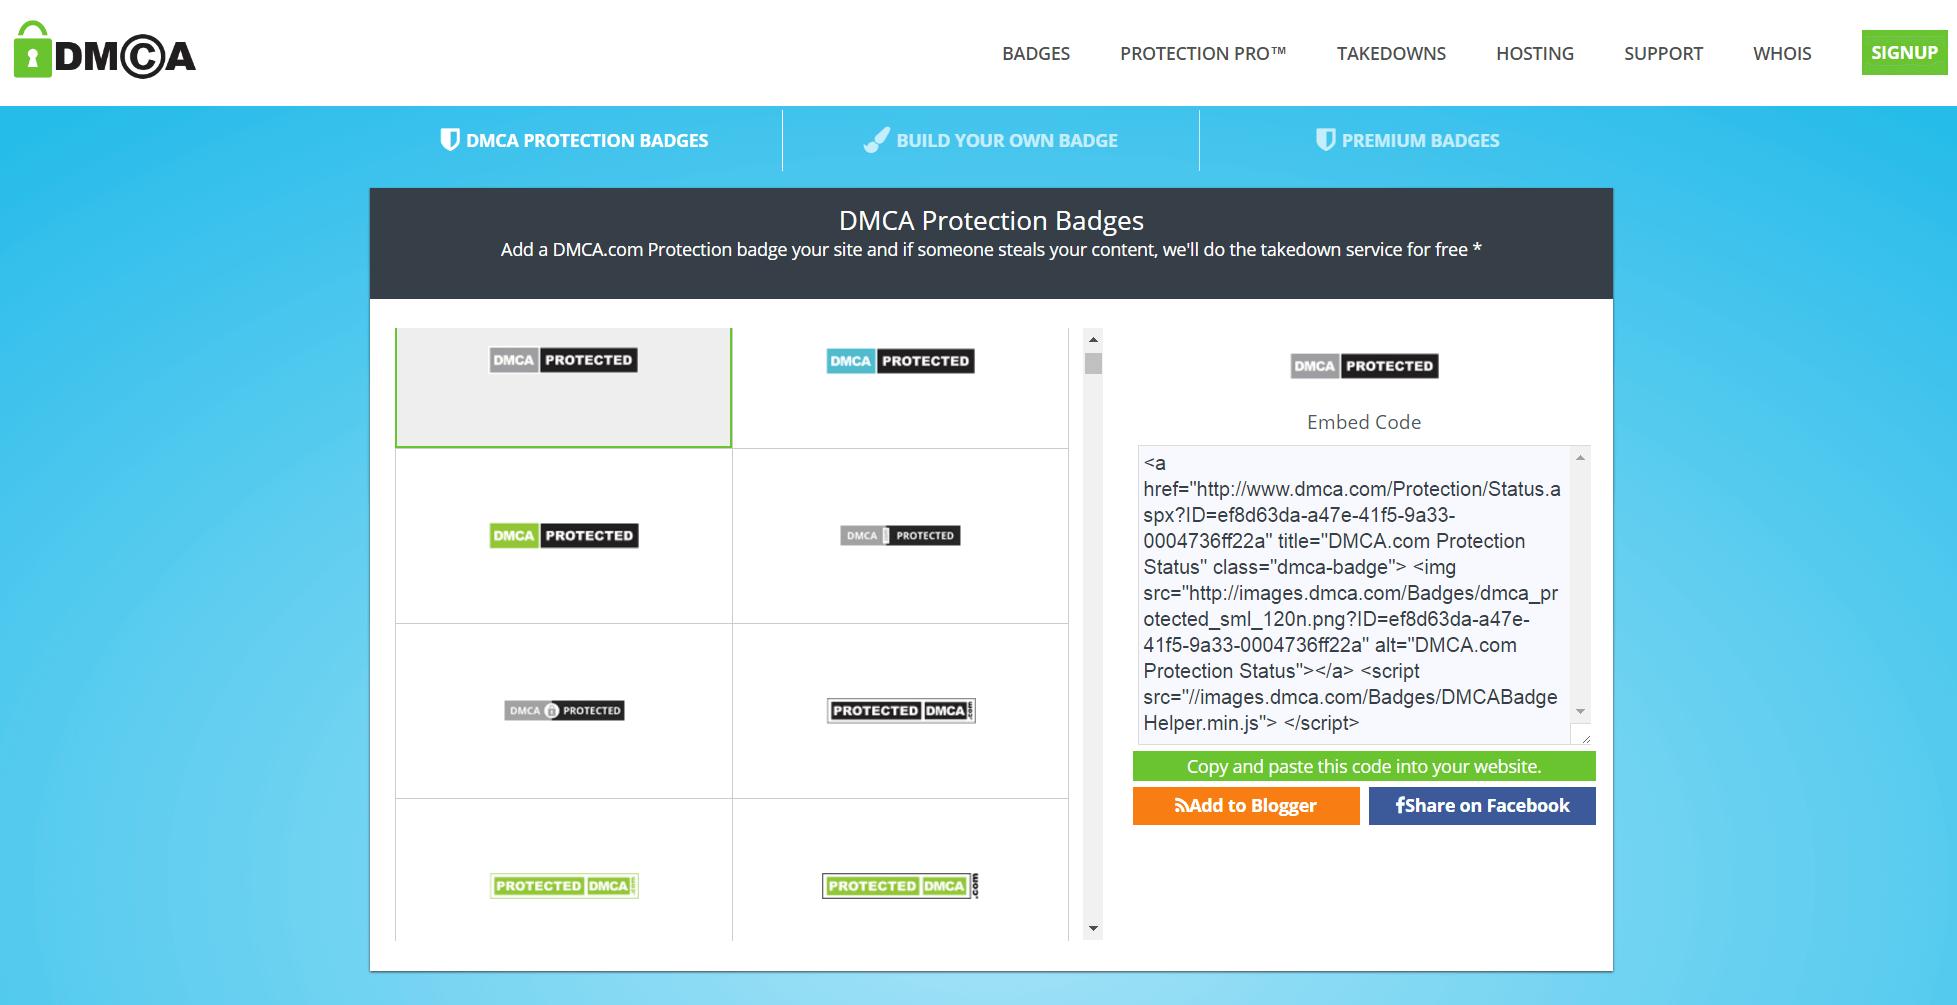 DMCA.com Website Protection Badges